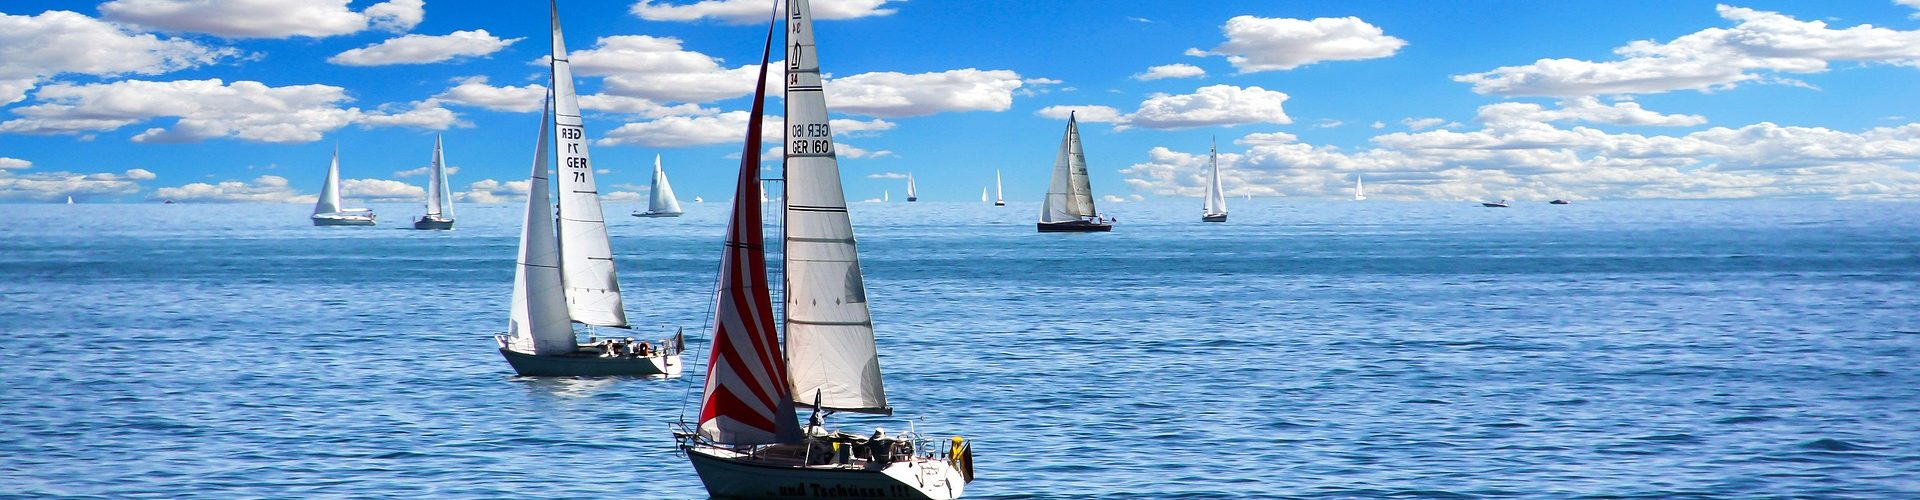 segeln lernen in Oppenheim segelschein machen in Oppenheim 1920x500 - Segeln lernen in Oppenheim